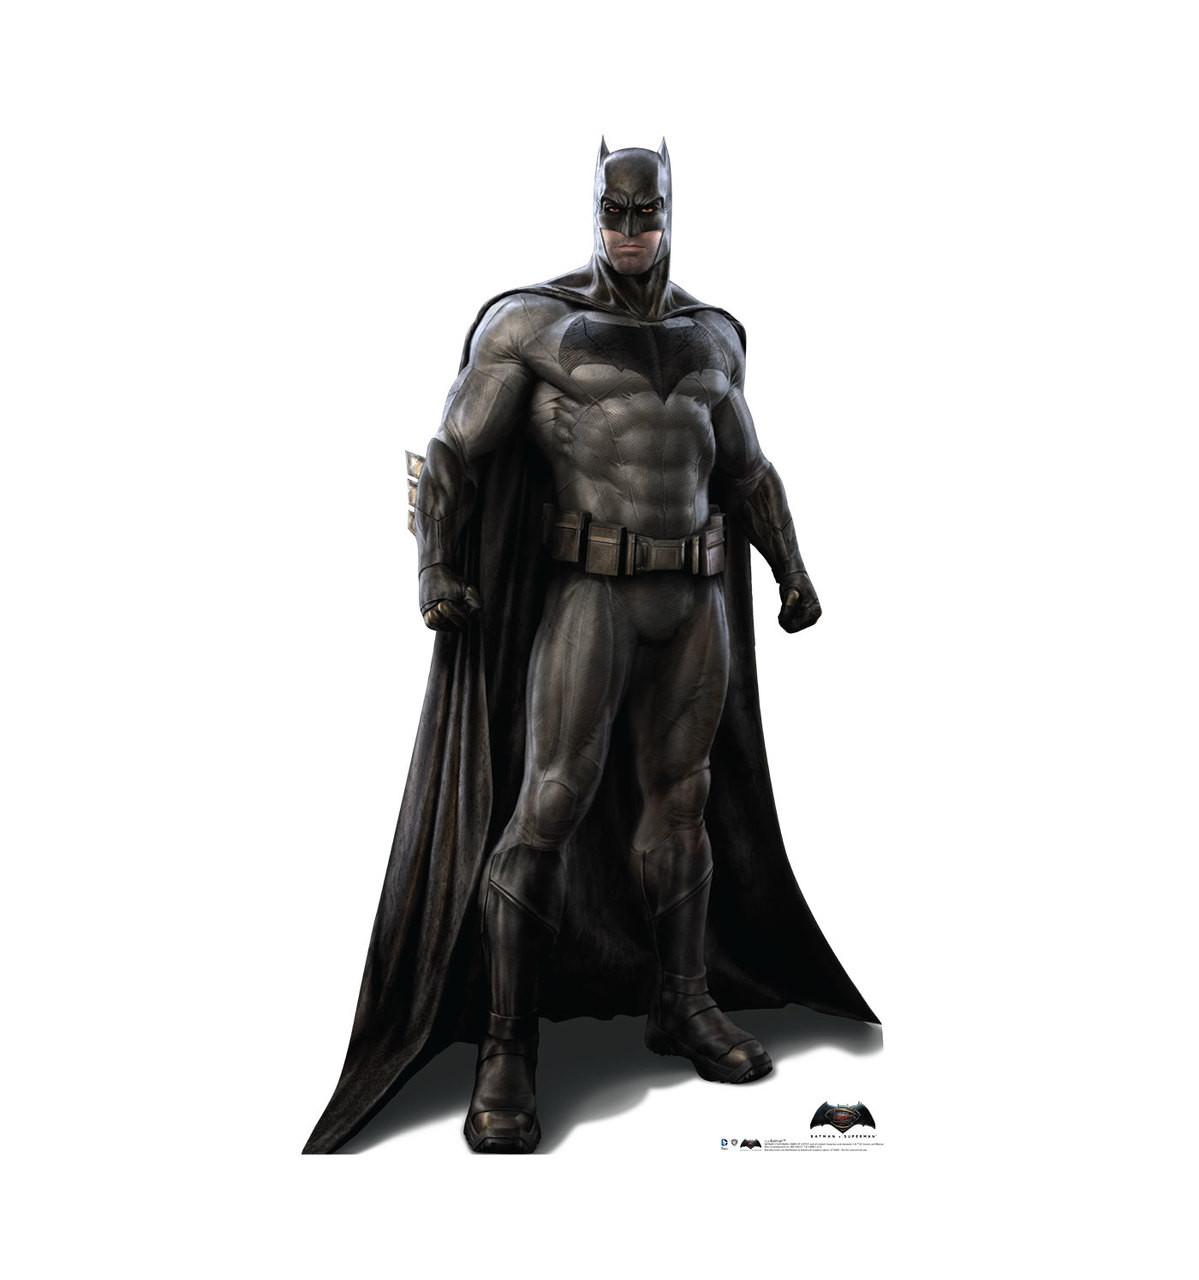 Life-size Batman - Batman V. Superman Cardboard Standup   Cardboard Cutout